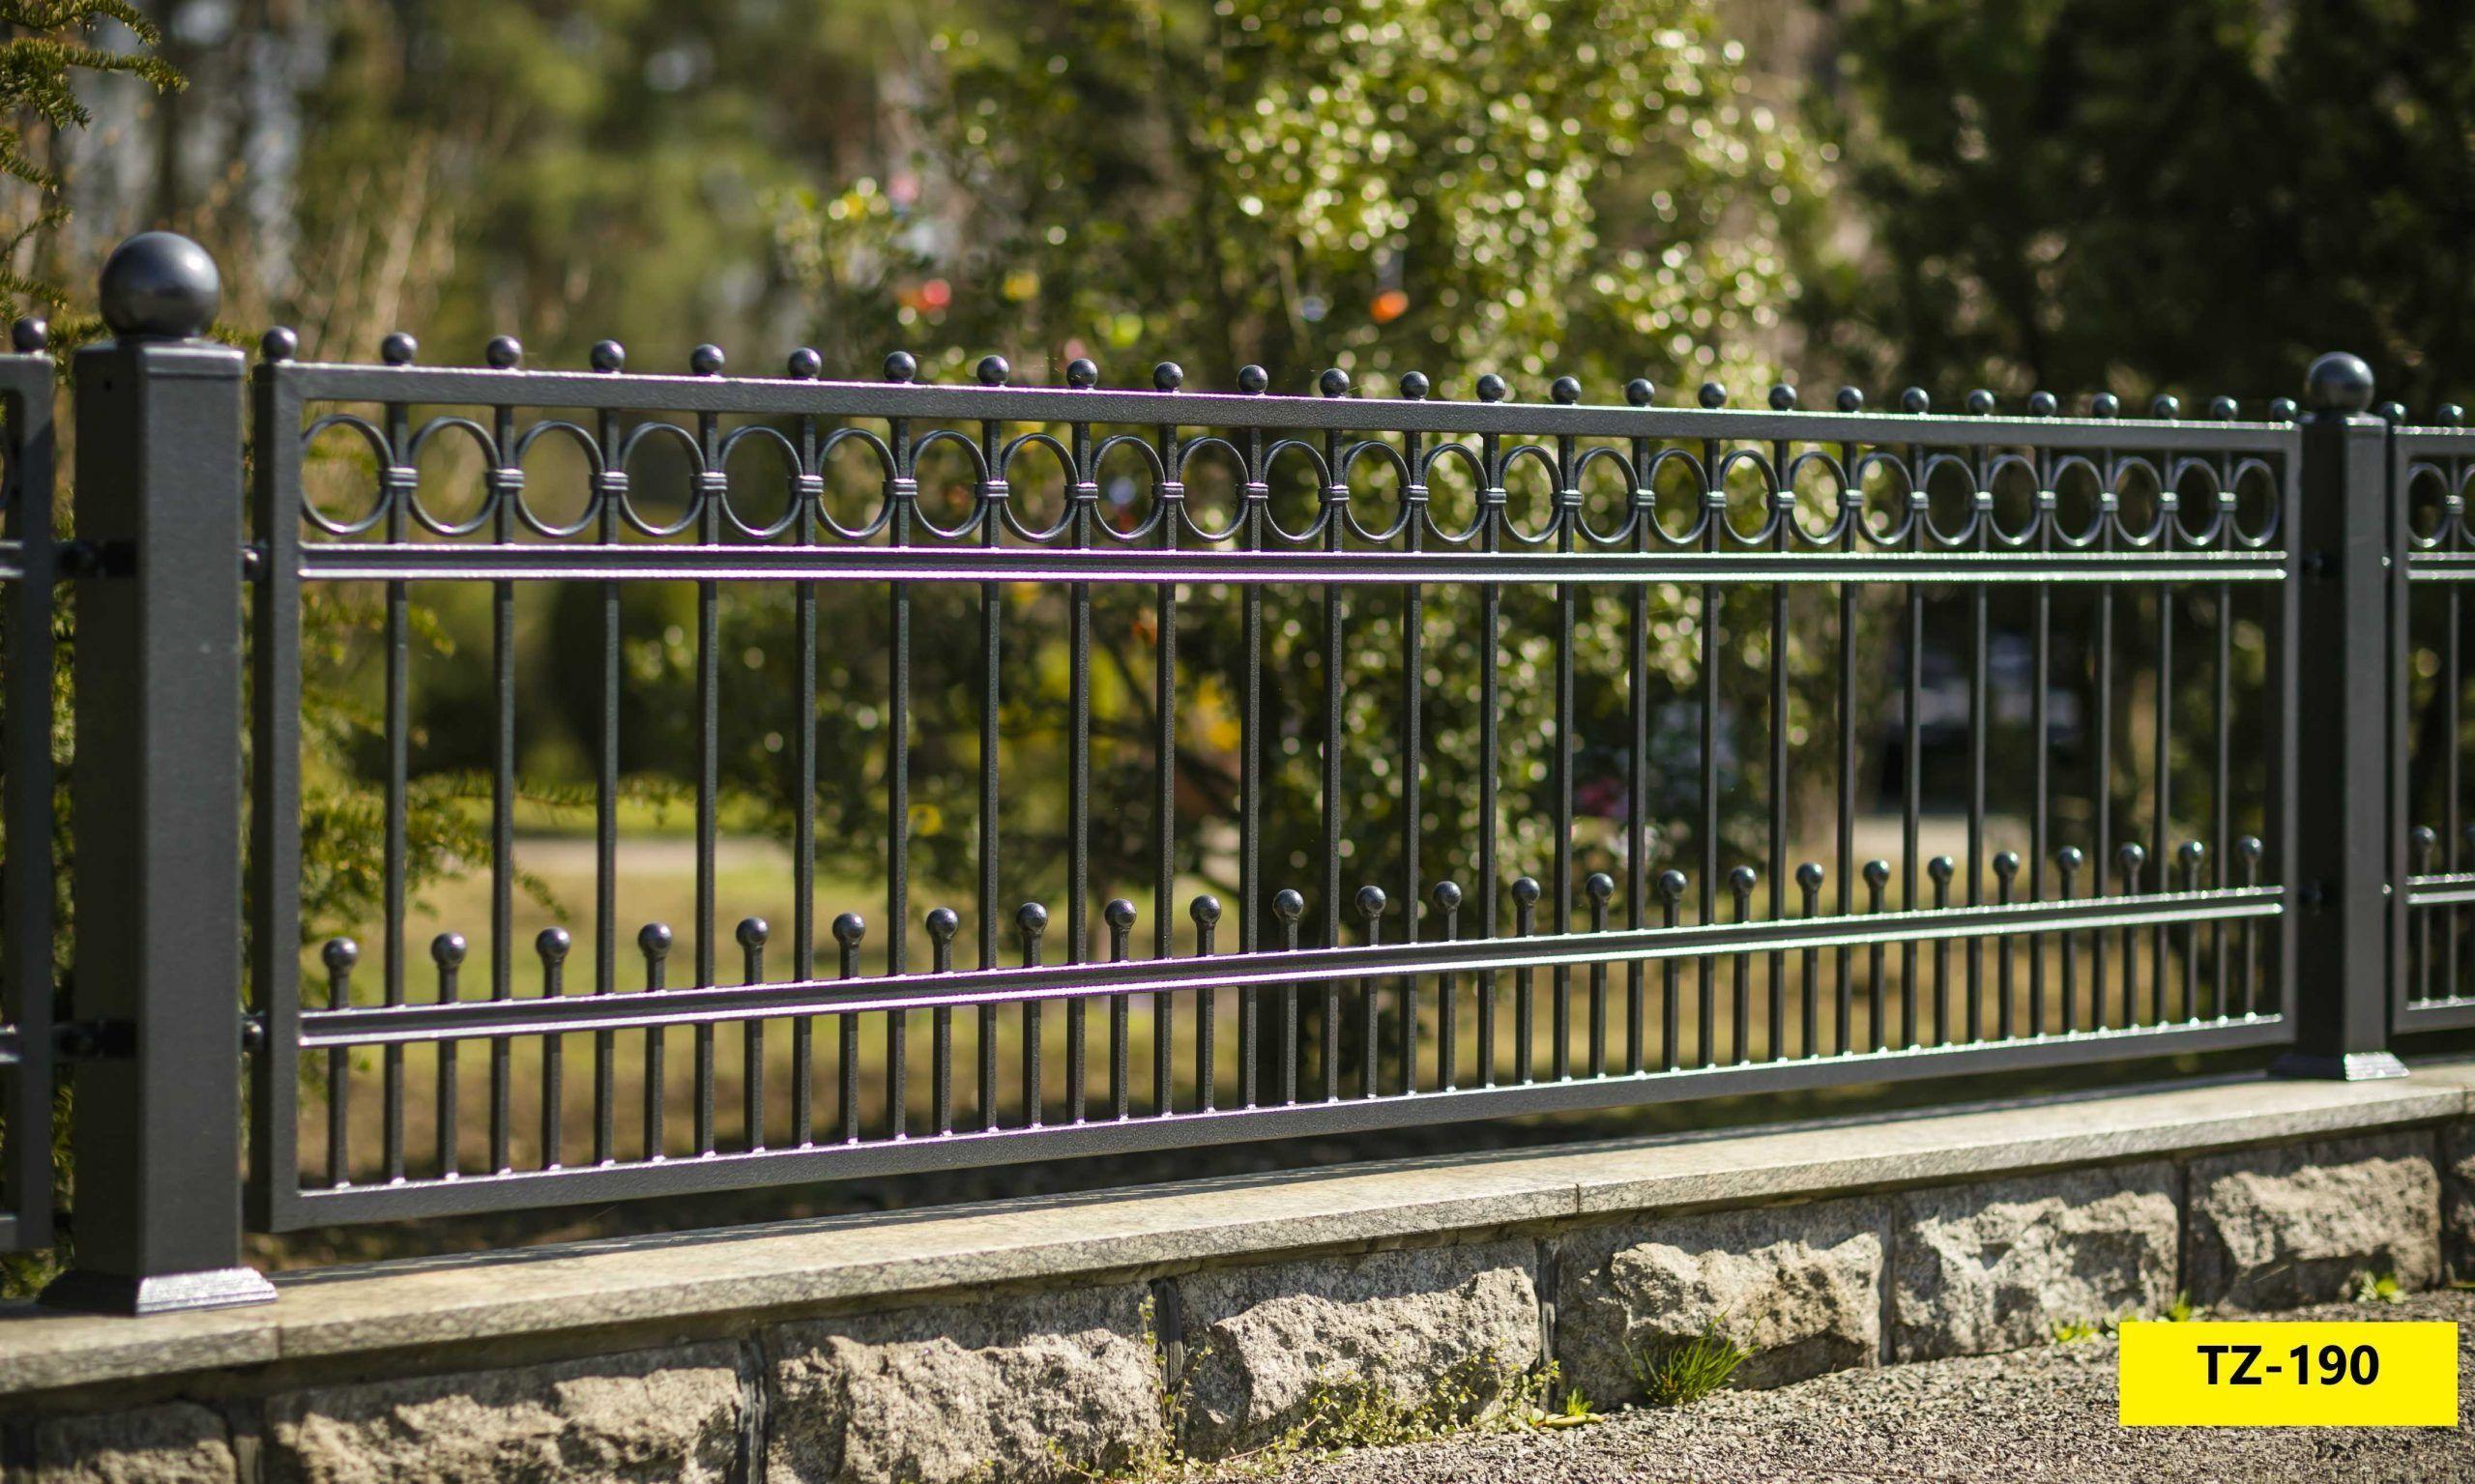 Thor Kunstschmiede Zaune Aus Polen Zaunelemente Metallzaune Gartenzaun Thor Garten